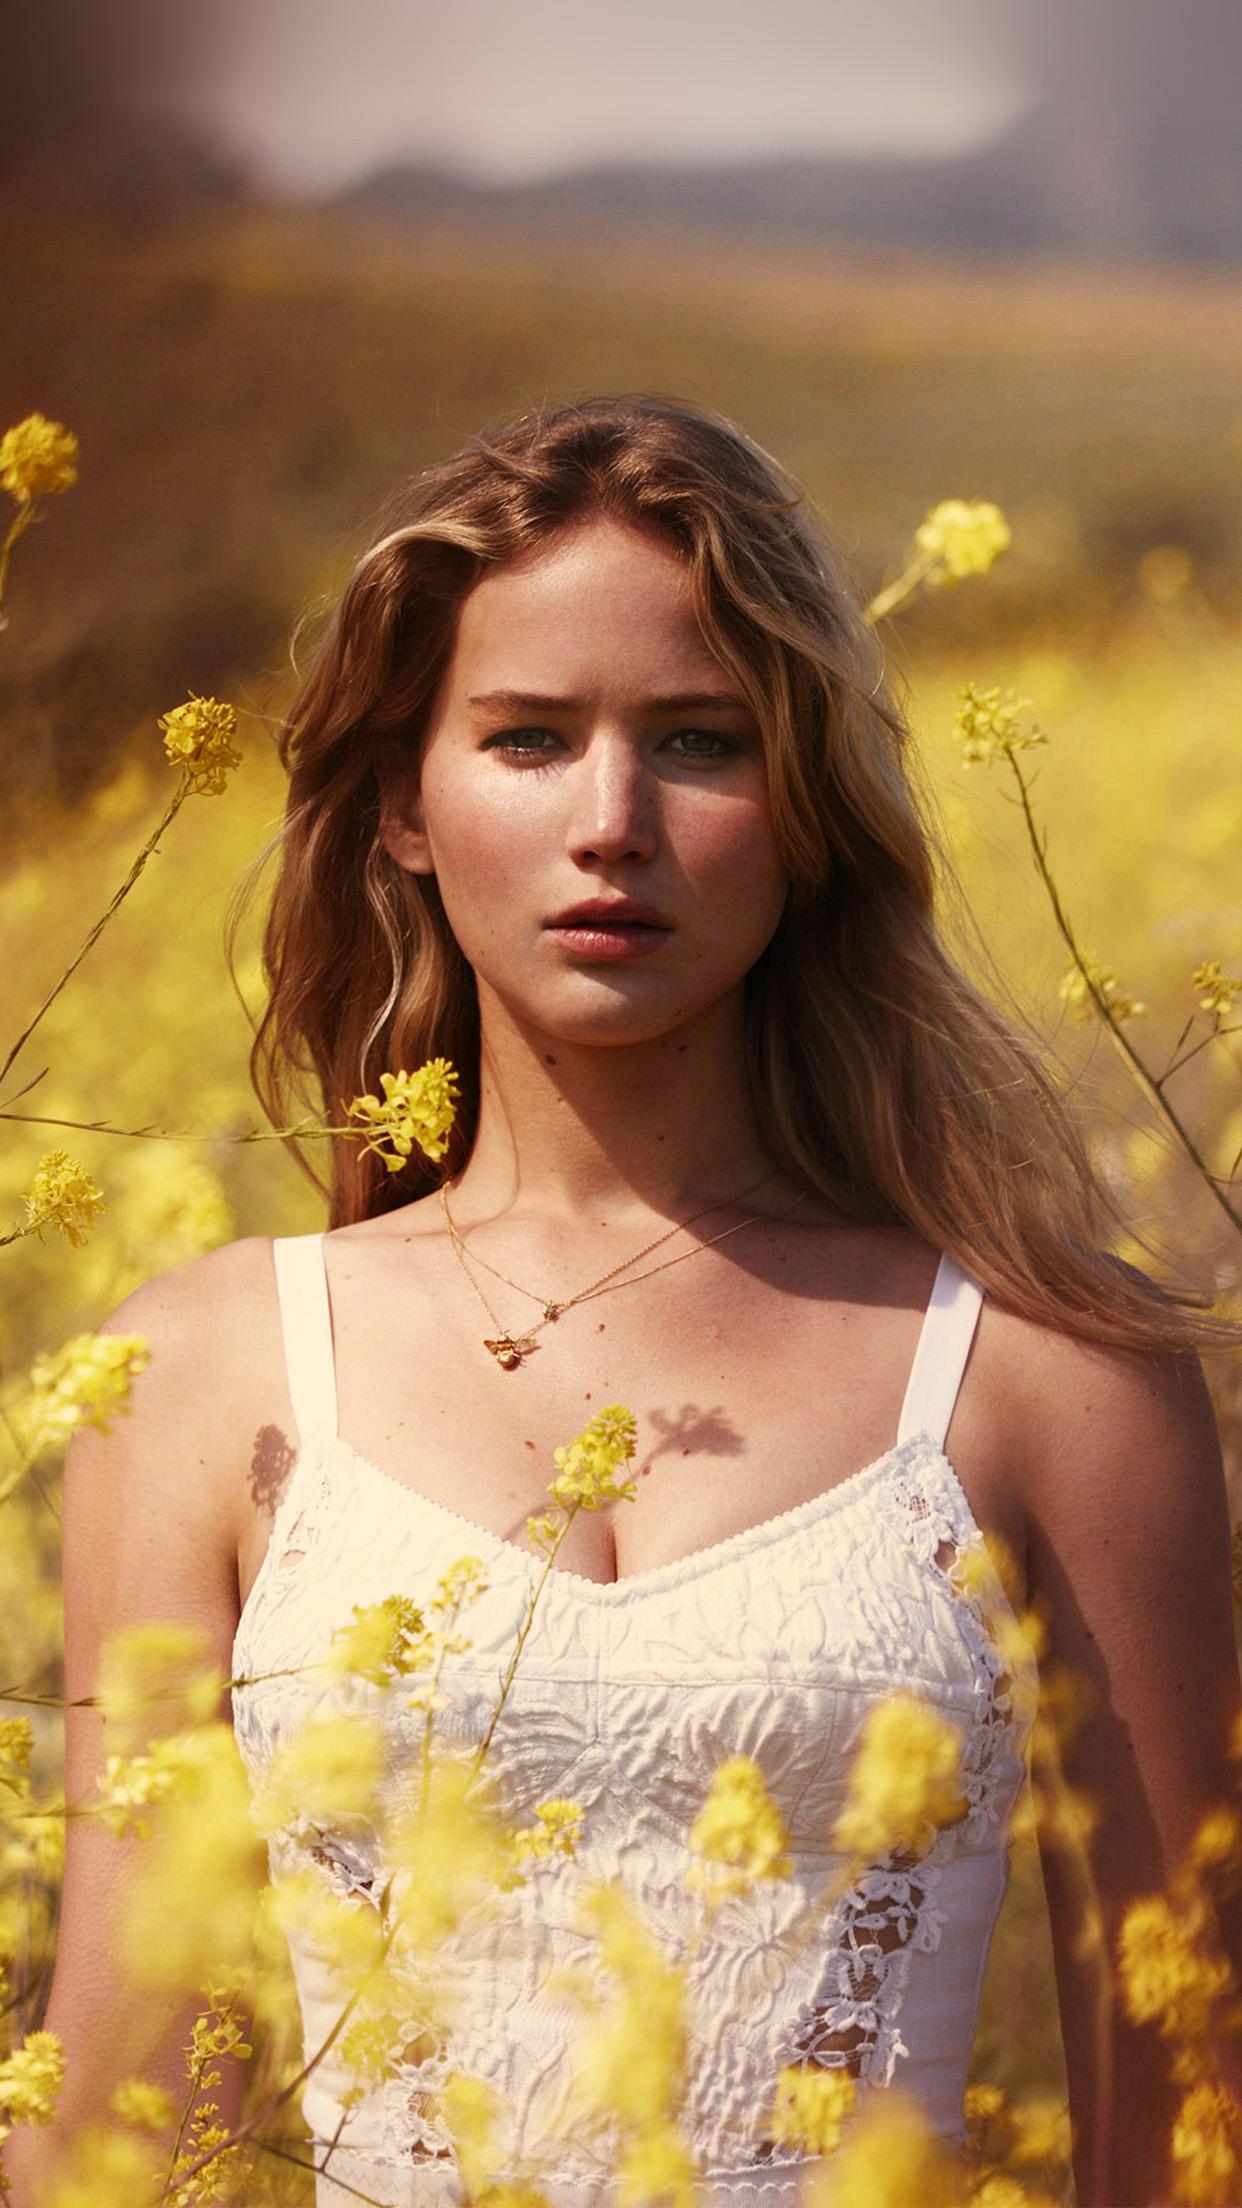 Hp47 Jennifer Lawrence Flower Spring Girl Celebrity Wallpaper